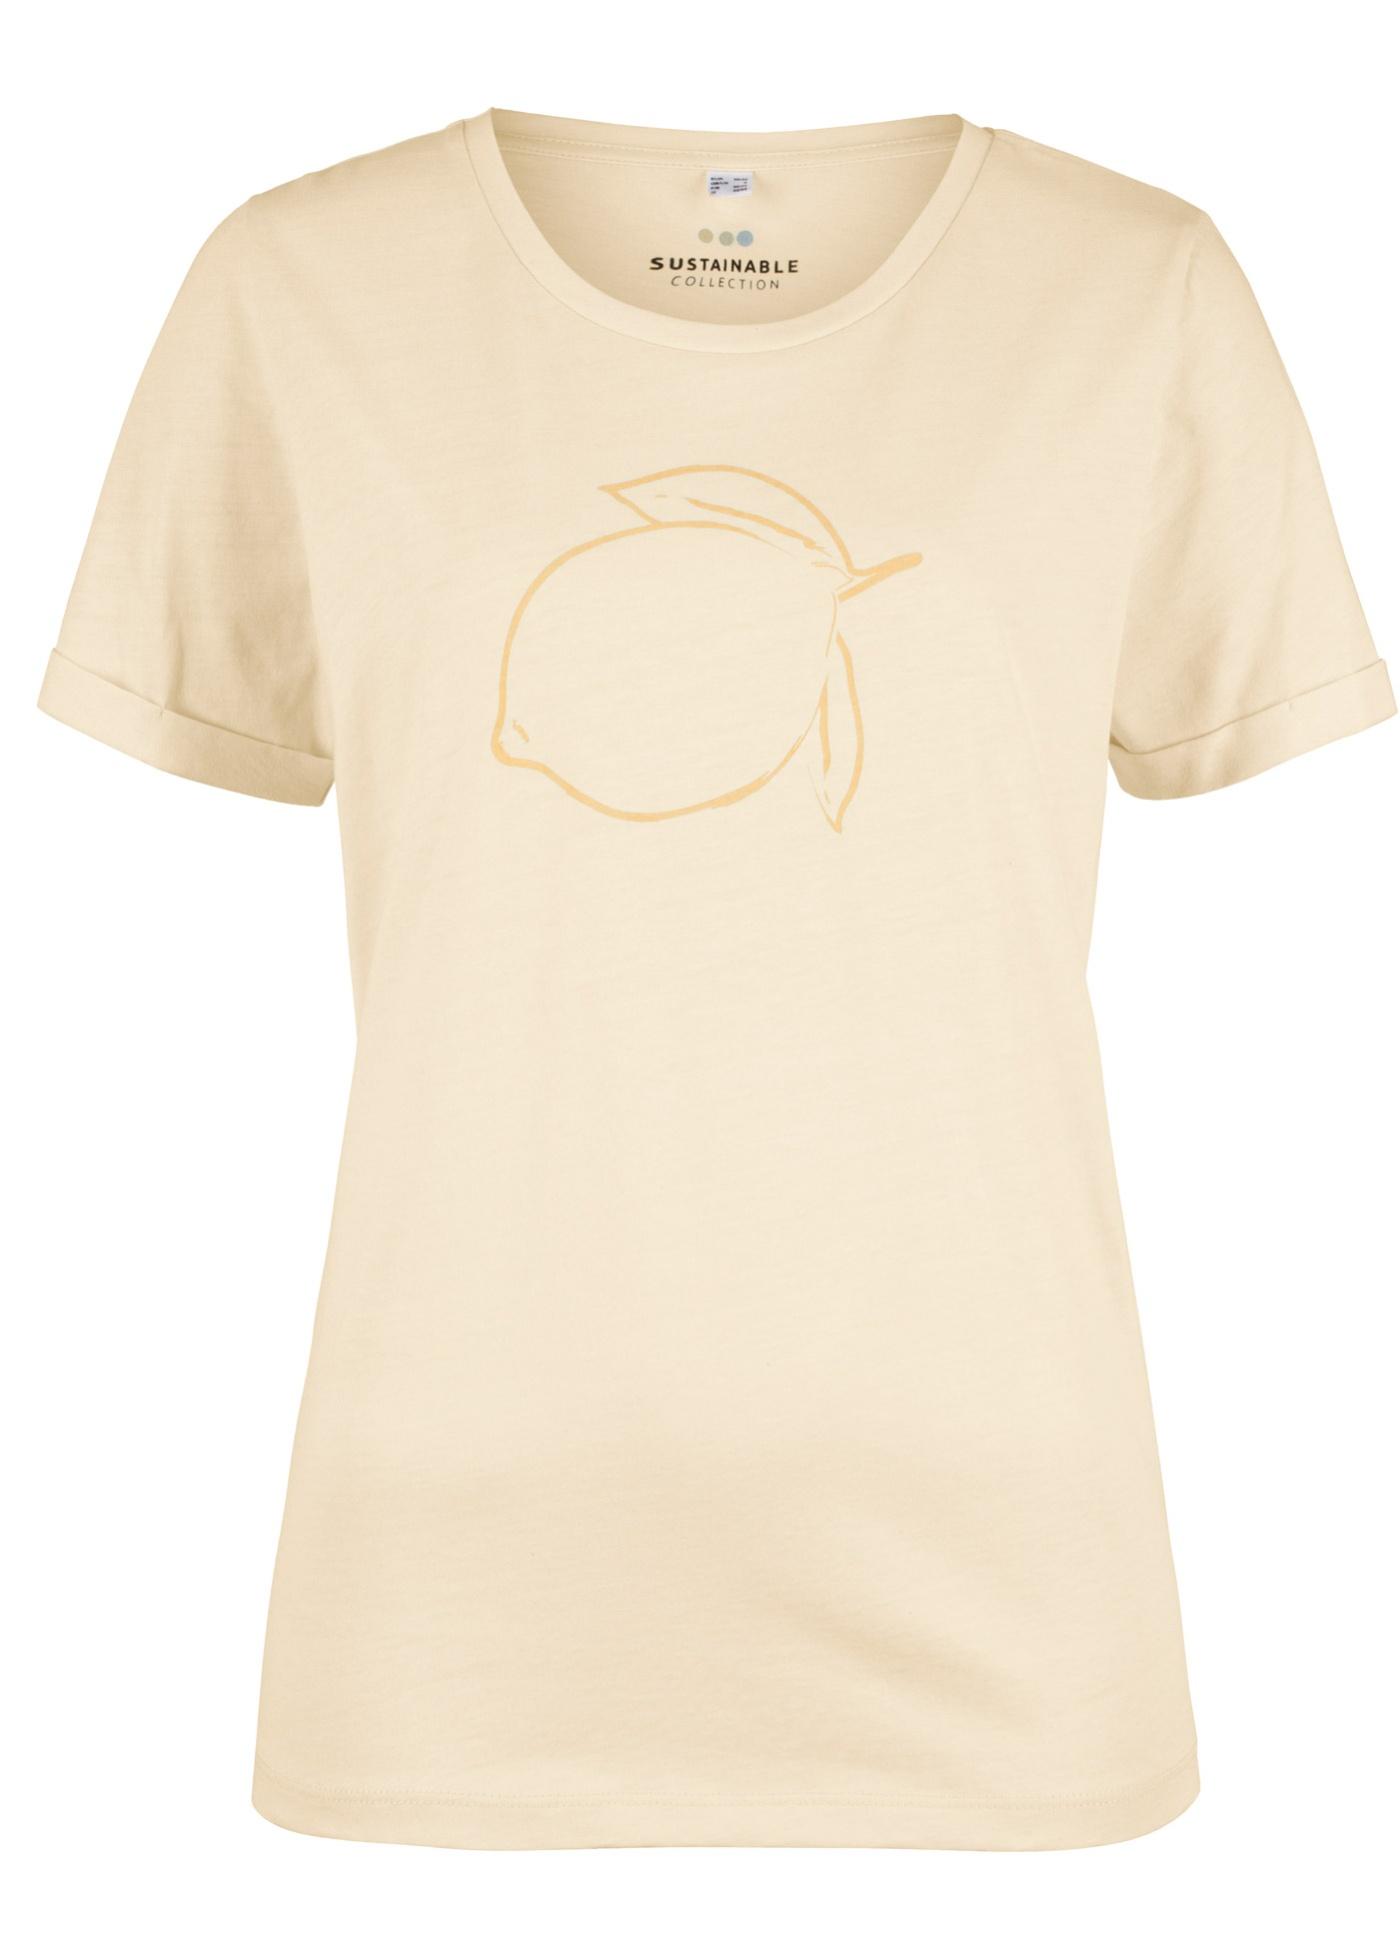 Bonprix CollectionT Femme Naturelle Courtes Beige Bpc Teinture Manches Pour shirt XiuTZOPk